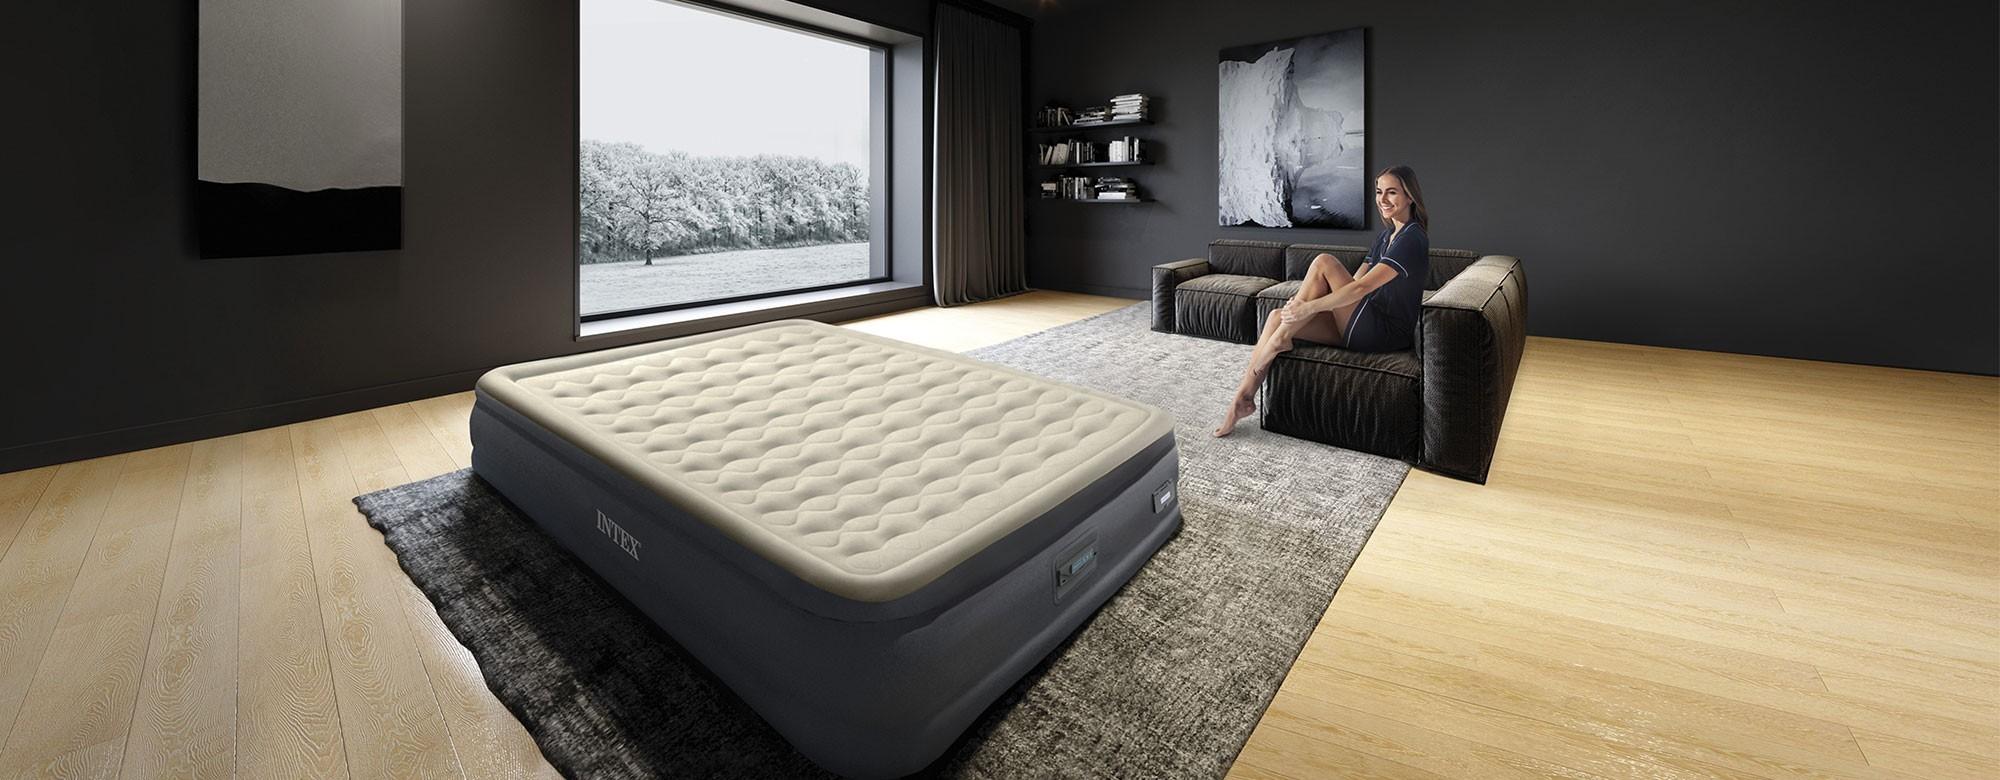 Lit et matelas gonflable Intex, adaptés au camping ou en lit d'appoint